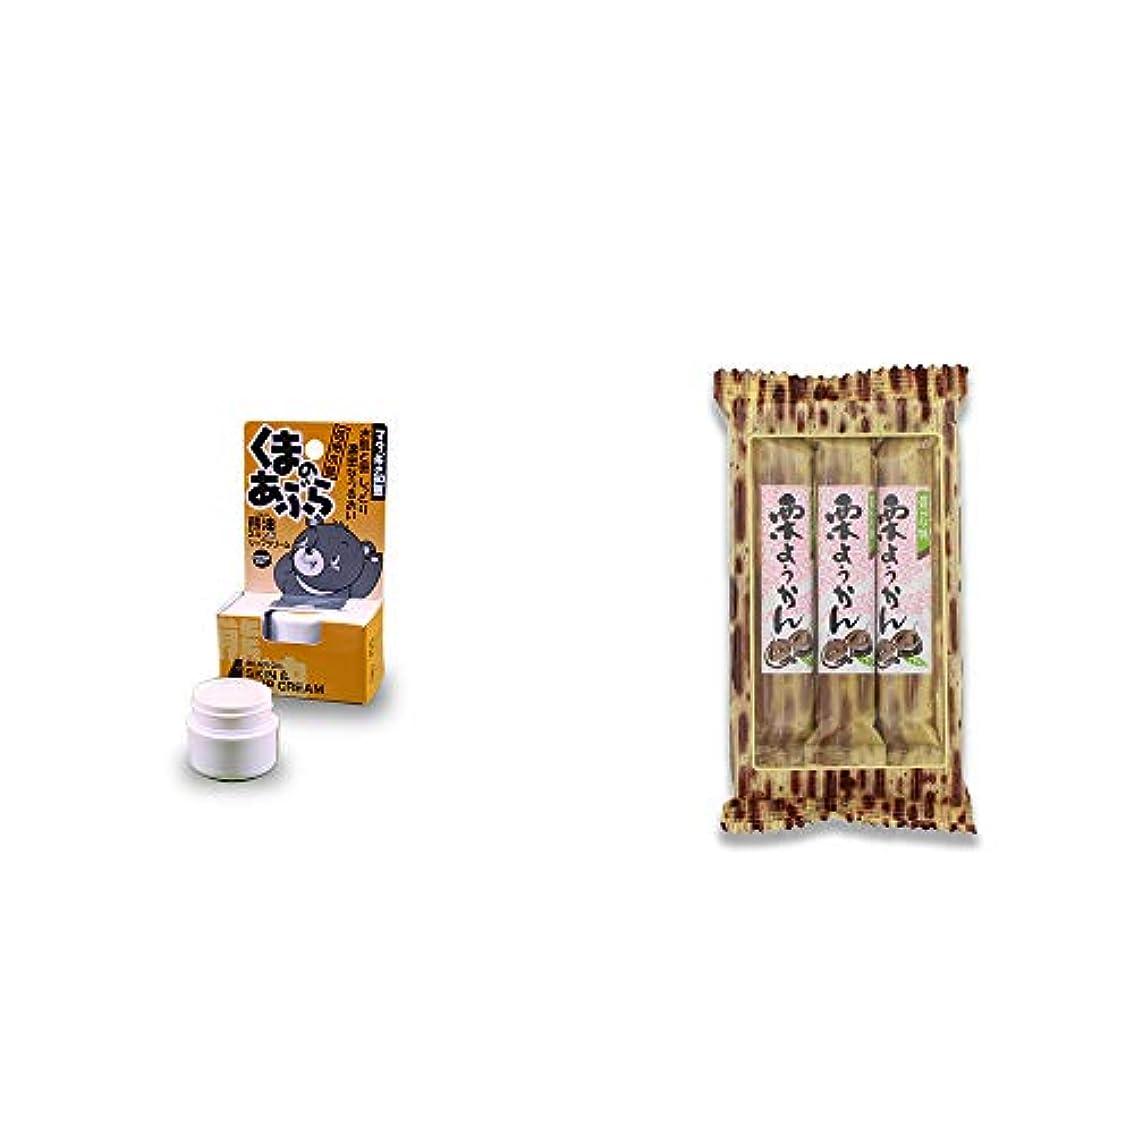 リサイクルする農業の専門化する[2点セット] 信州木曽 くまのあぶら 熊油スキン&リップクリーム(9g)?スティックようかん[栗](50g×3本)